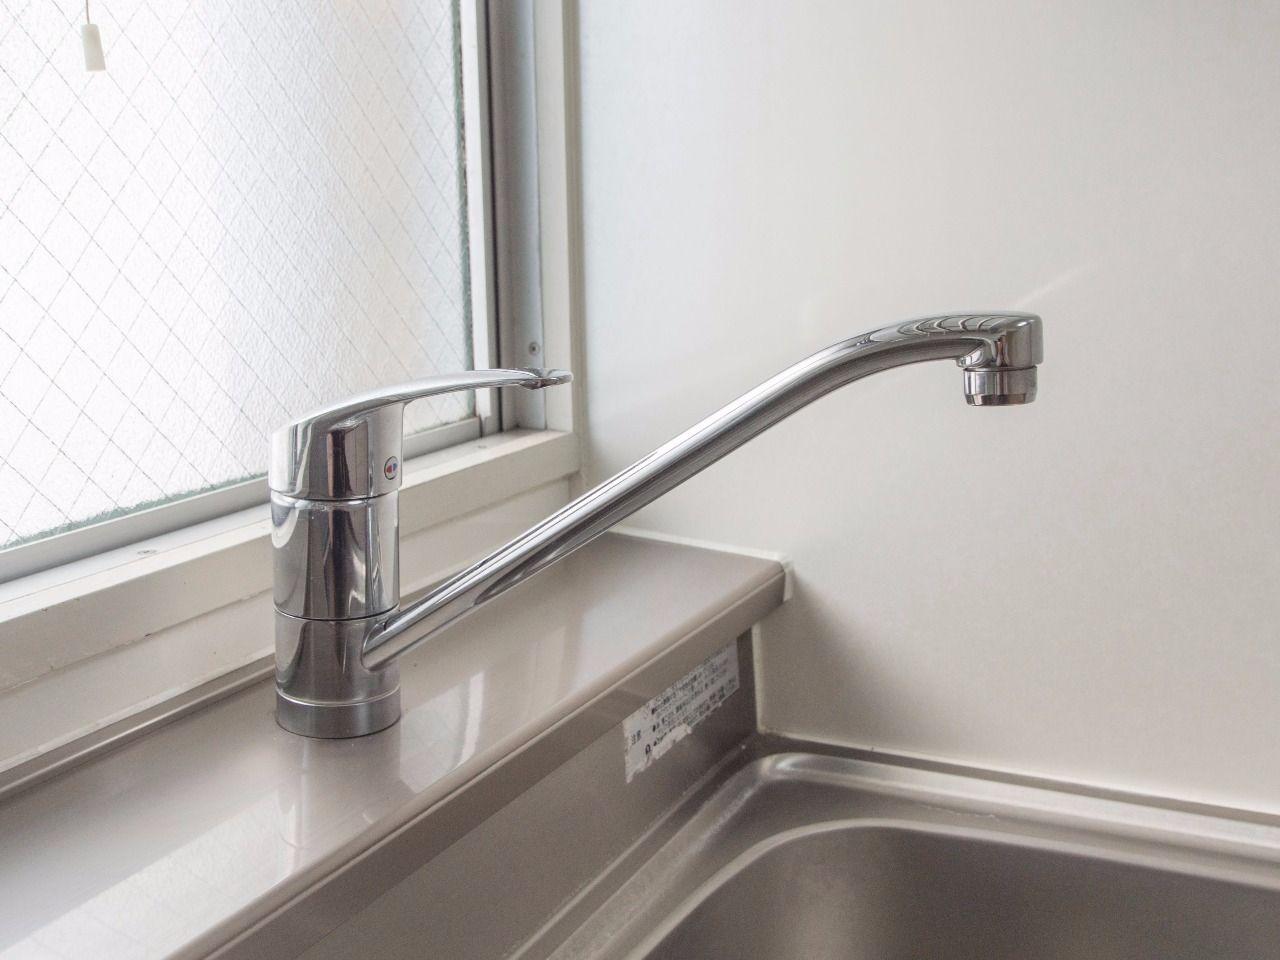 水量・水温の調節が簡単なワンレバー水栓を採用